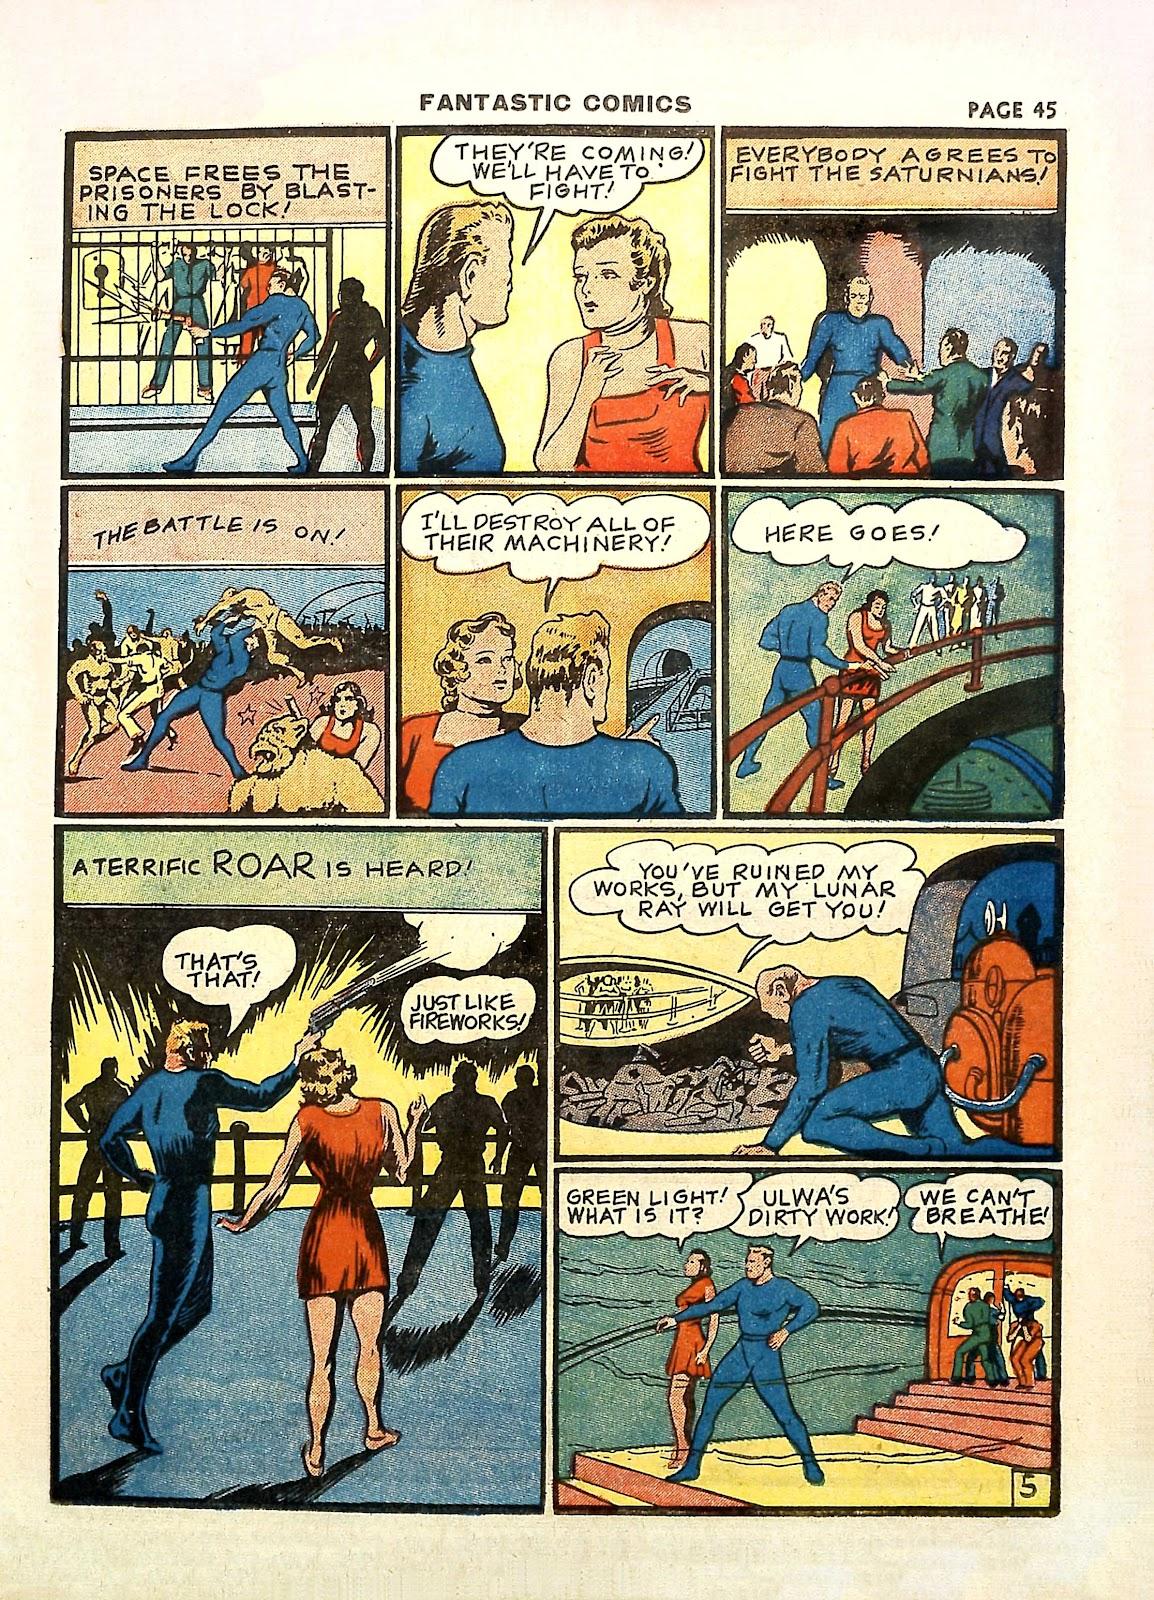 Read online Fantastic Comics comic -  Issue #11 - 48